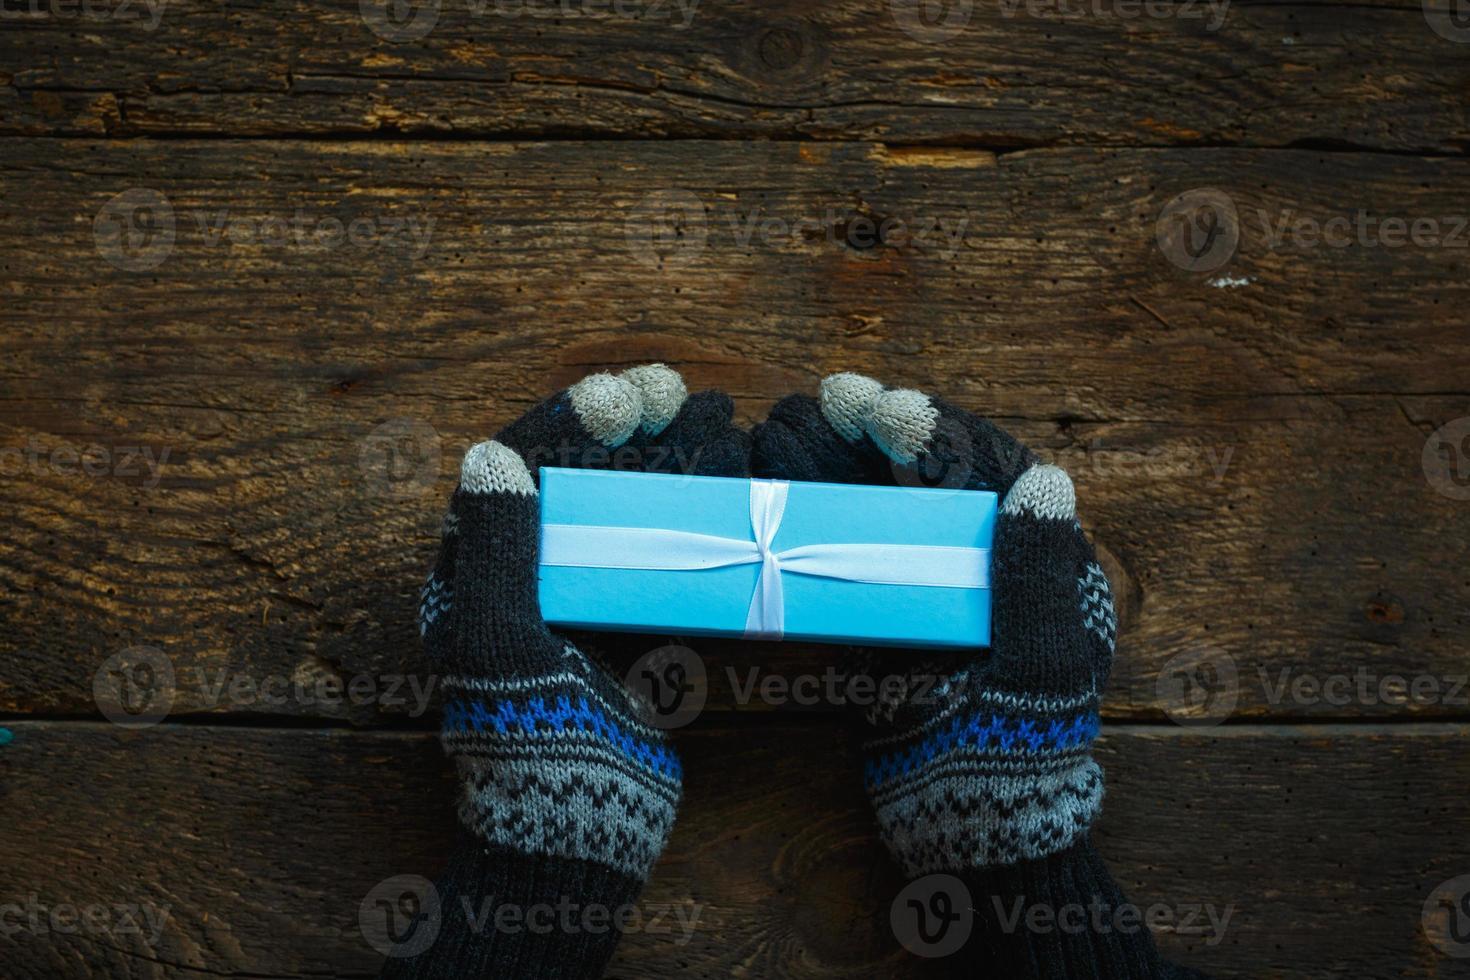 manos en guantes de invierno con caja de regalo de navidad foto